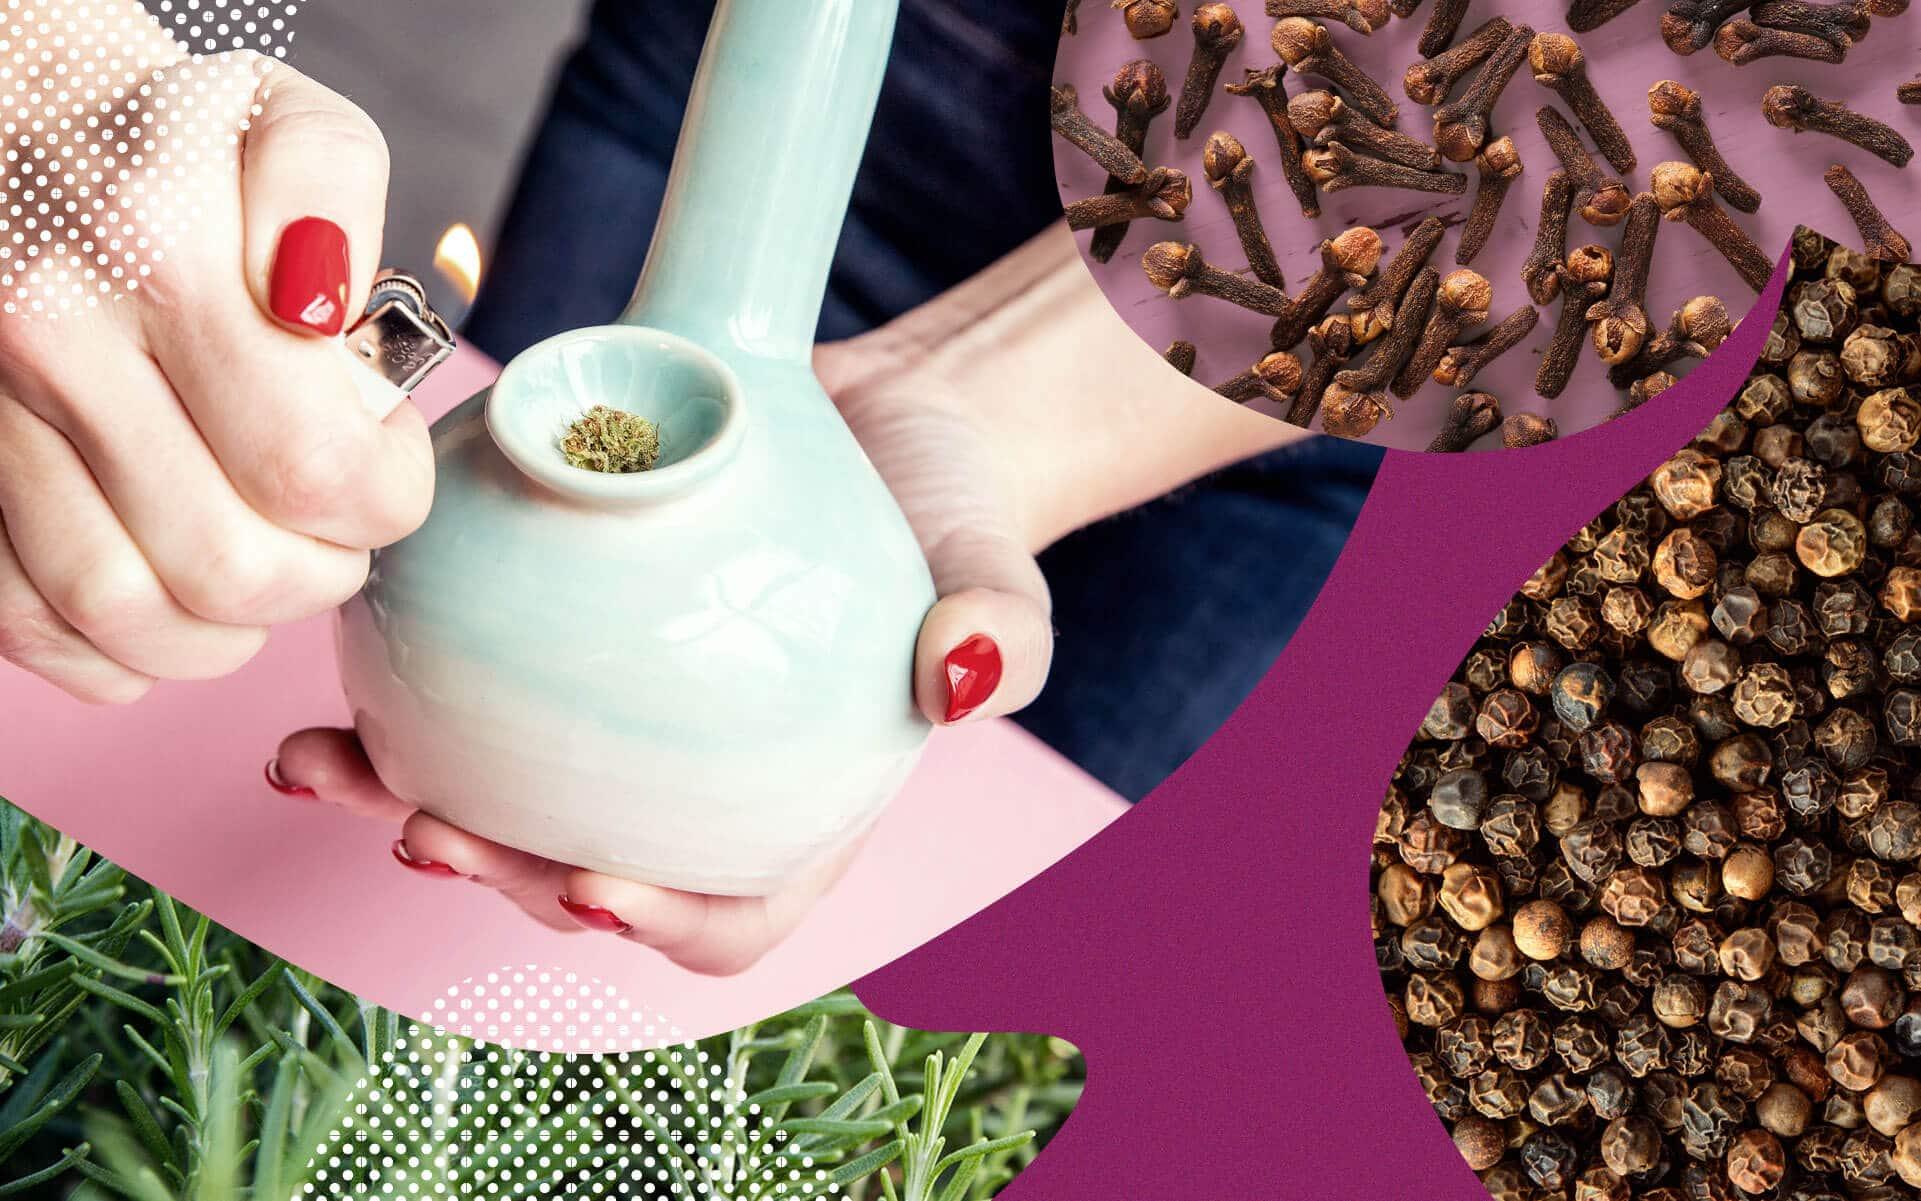 Consumo medicinal e recreativo do Cariofileno em strains de Cannabis - Leafly